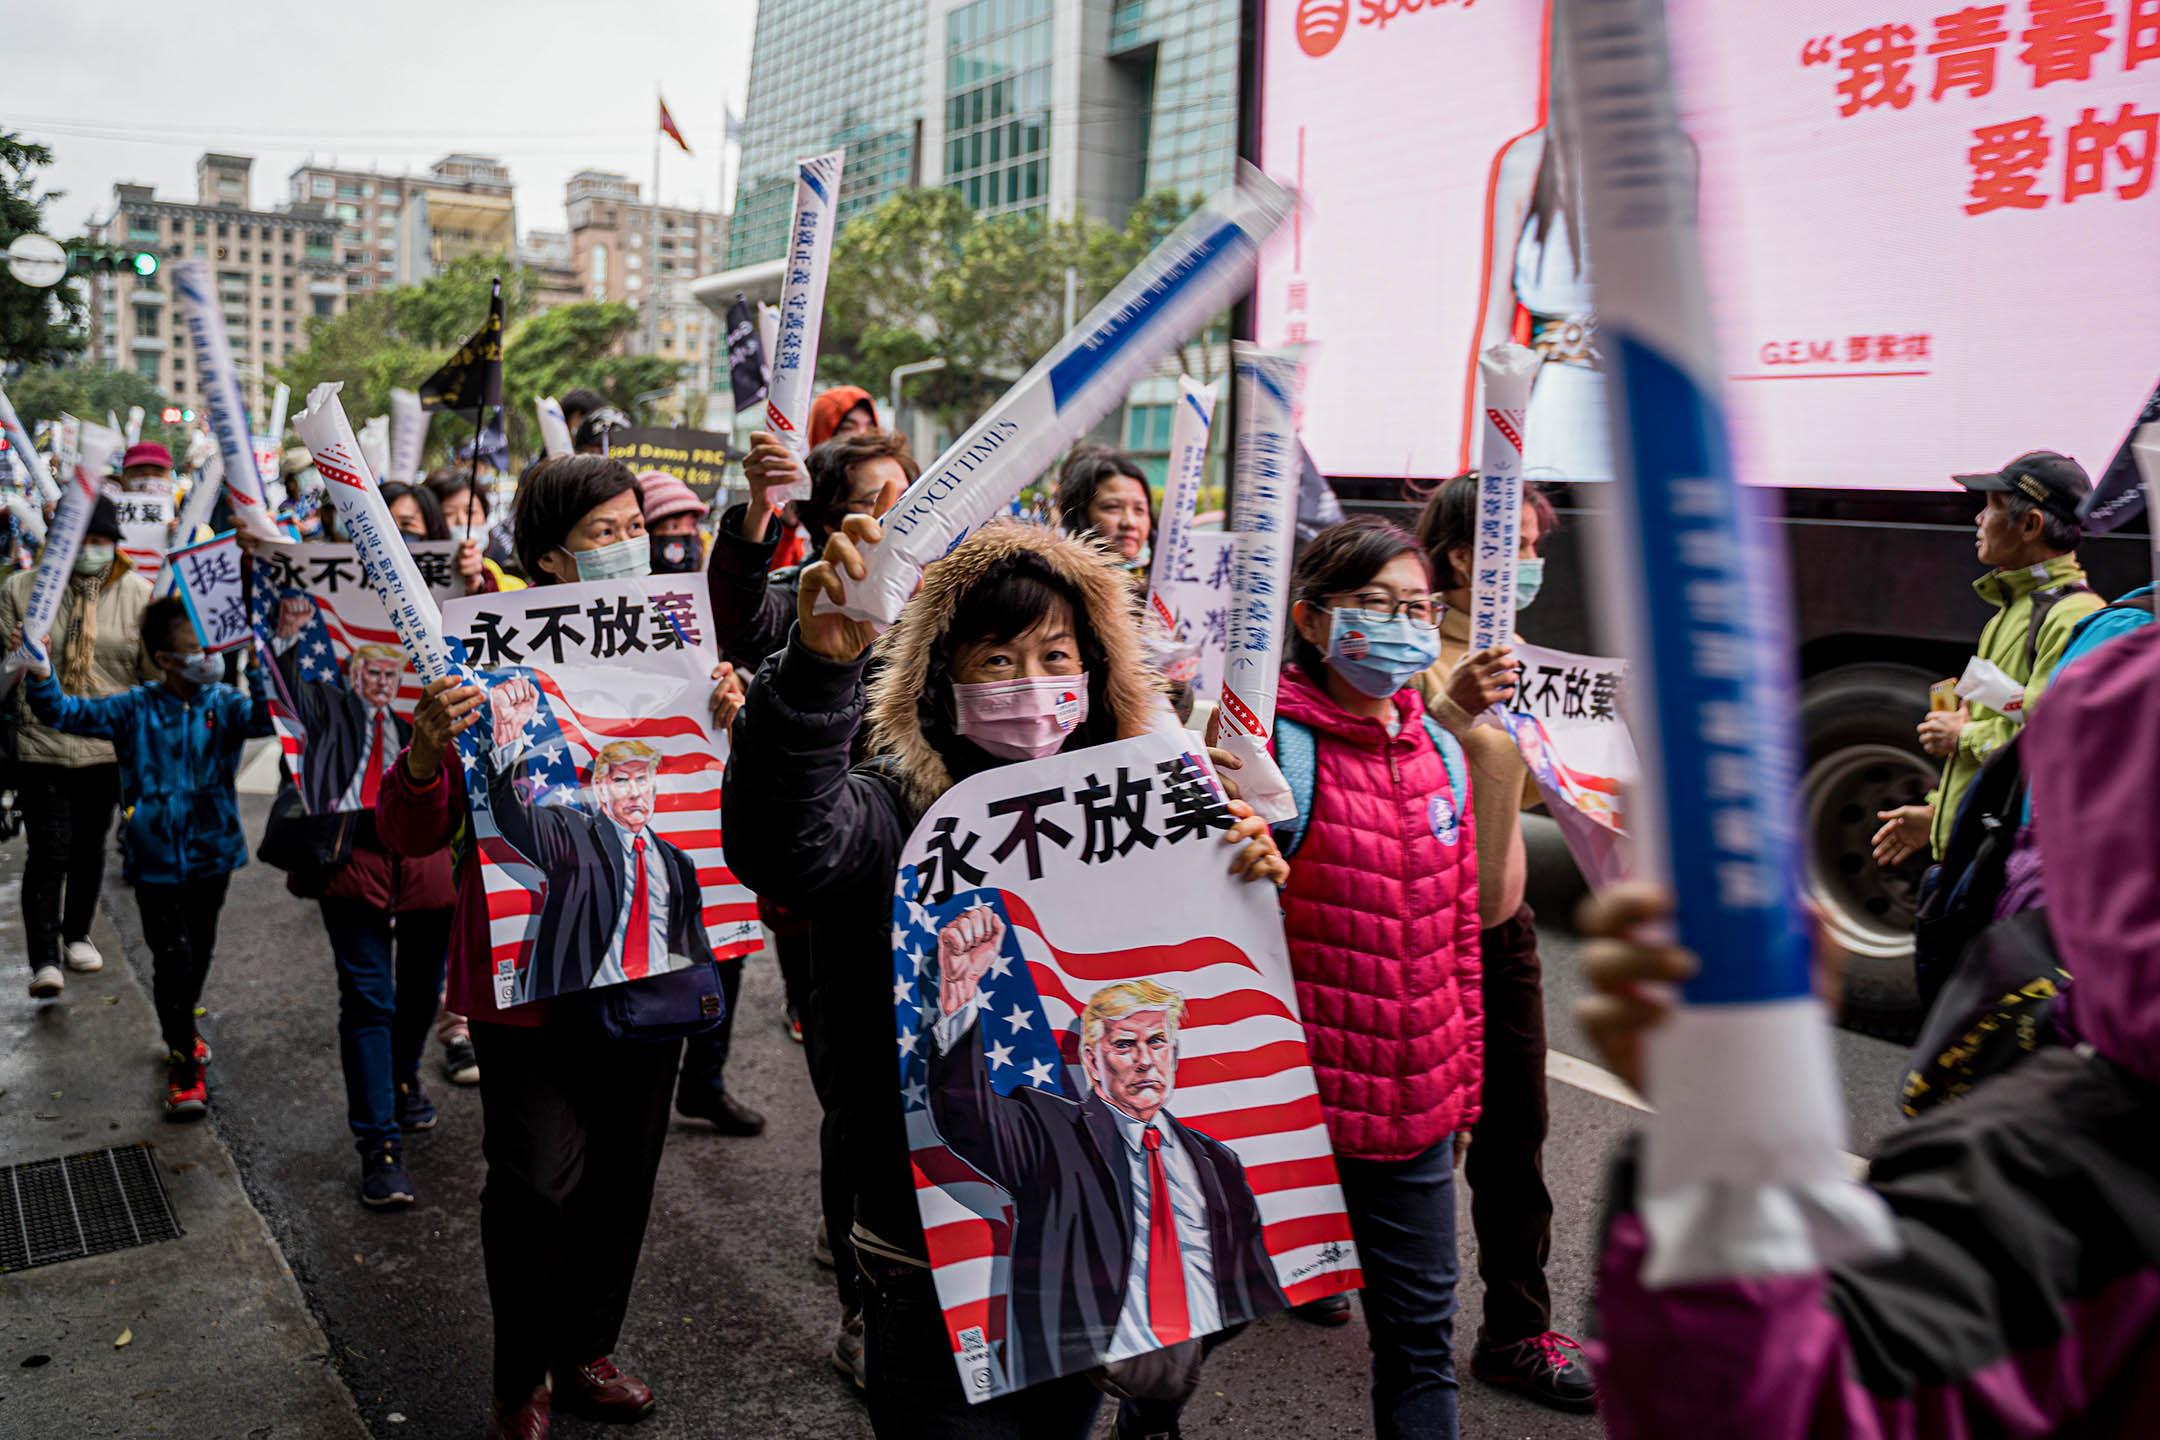 2020年12月19日台北,「挺川滅共站出來」遊行。 攝:唐佐欣/端傳媒